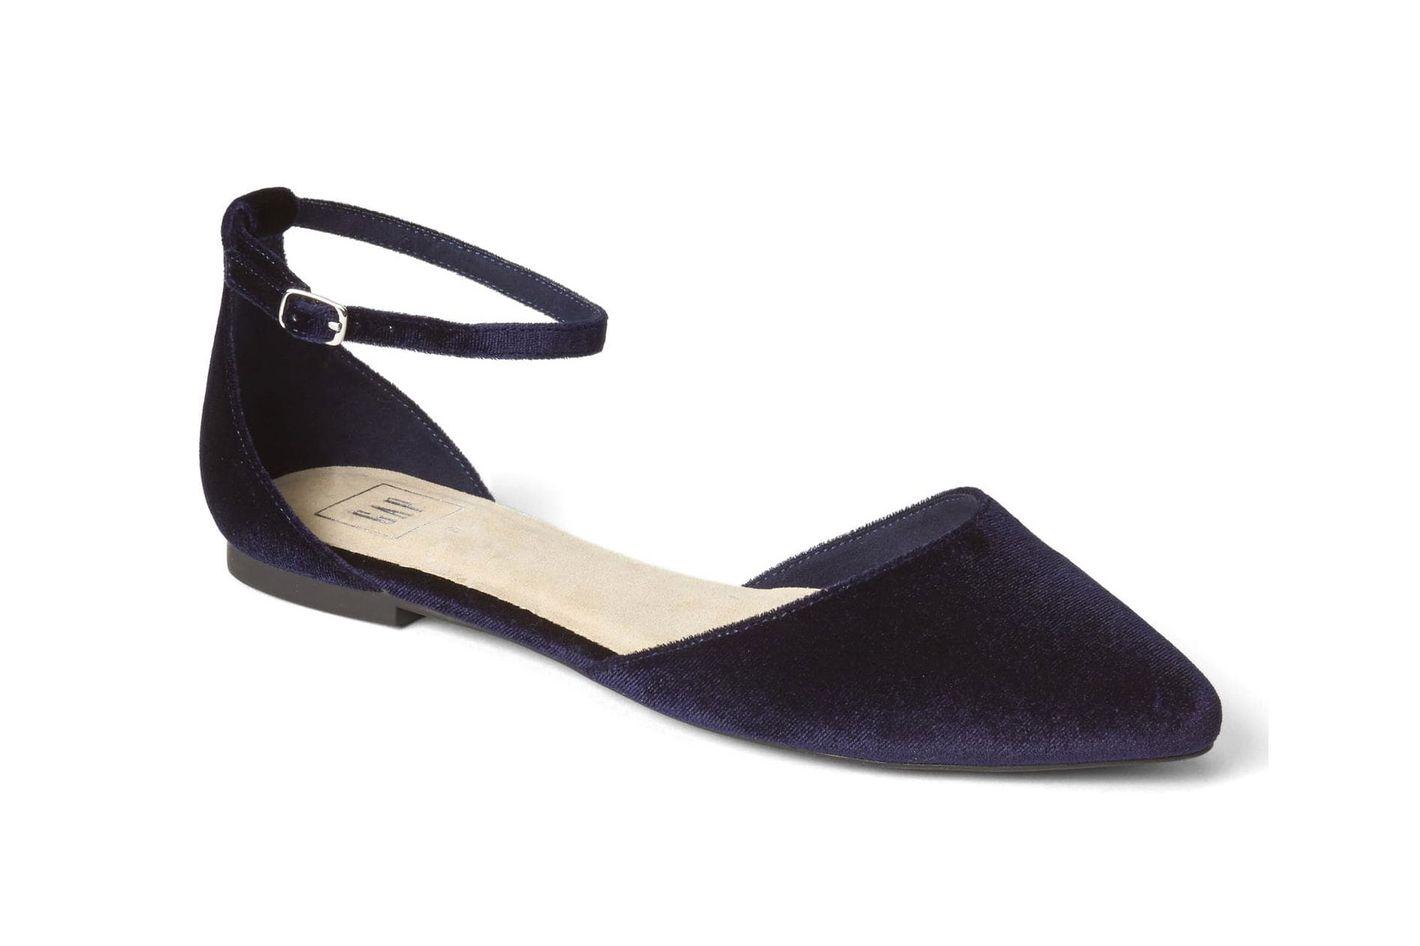 Gap Velvet Ankle-Strap d'Orsay Flats